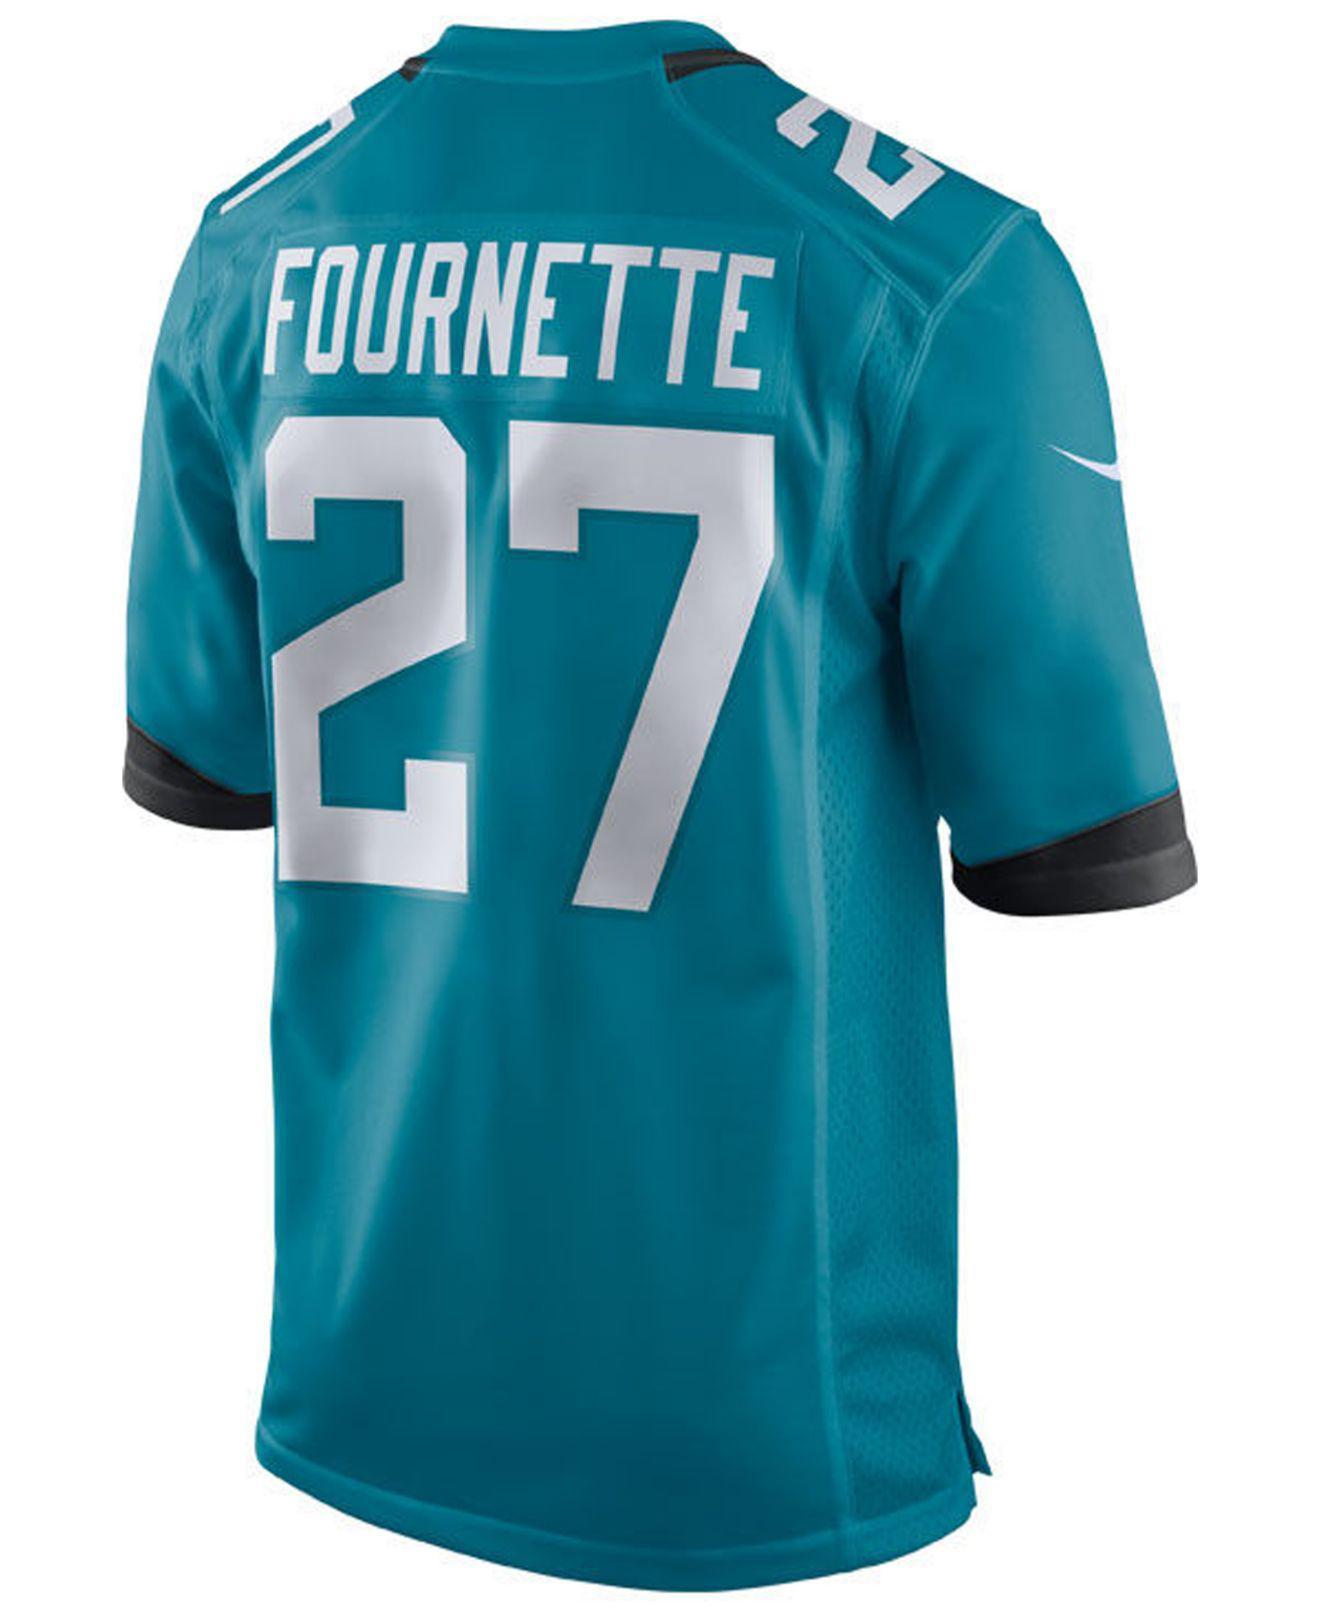 e5429f78b Lyst - Nike Leonard Fournette Jacksonville Jaguars Game Jersey in Blue for  Men